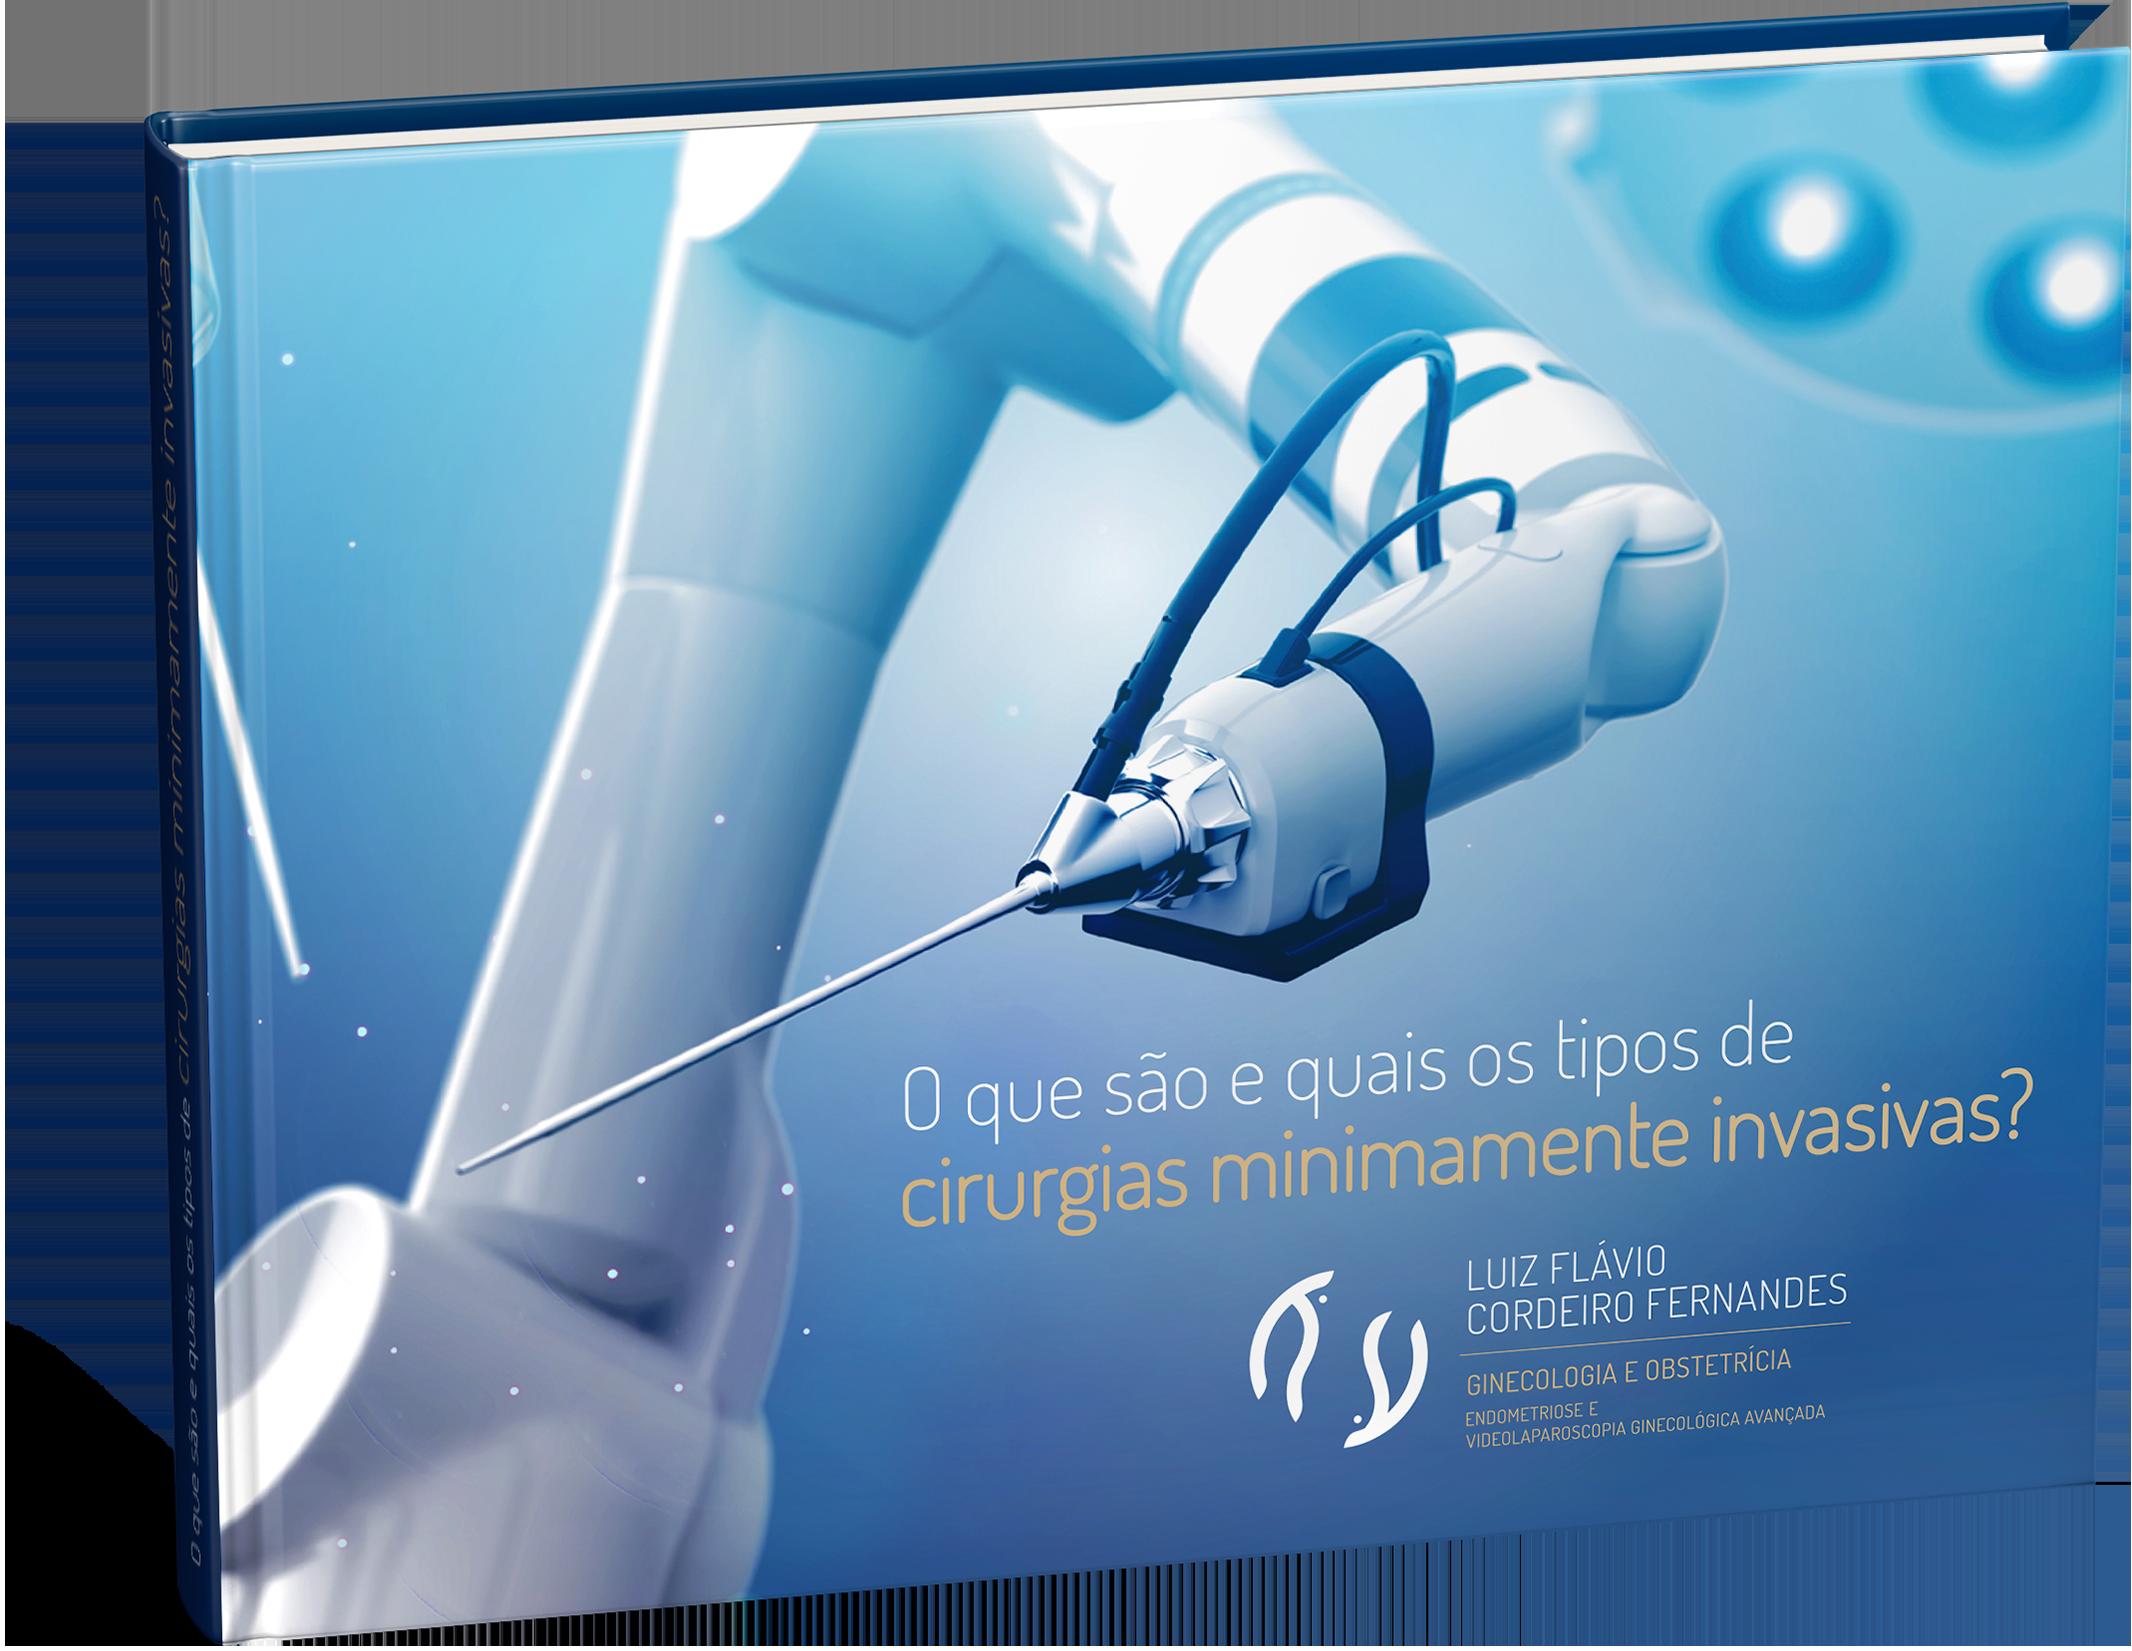 E-book O que são e quais os tipos de cirurgias minimamente invasivas?